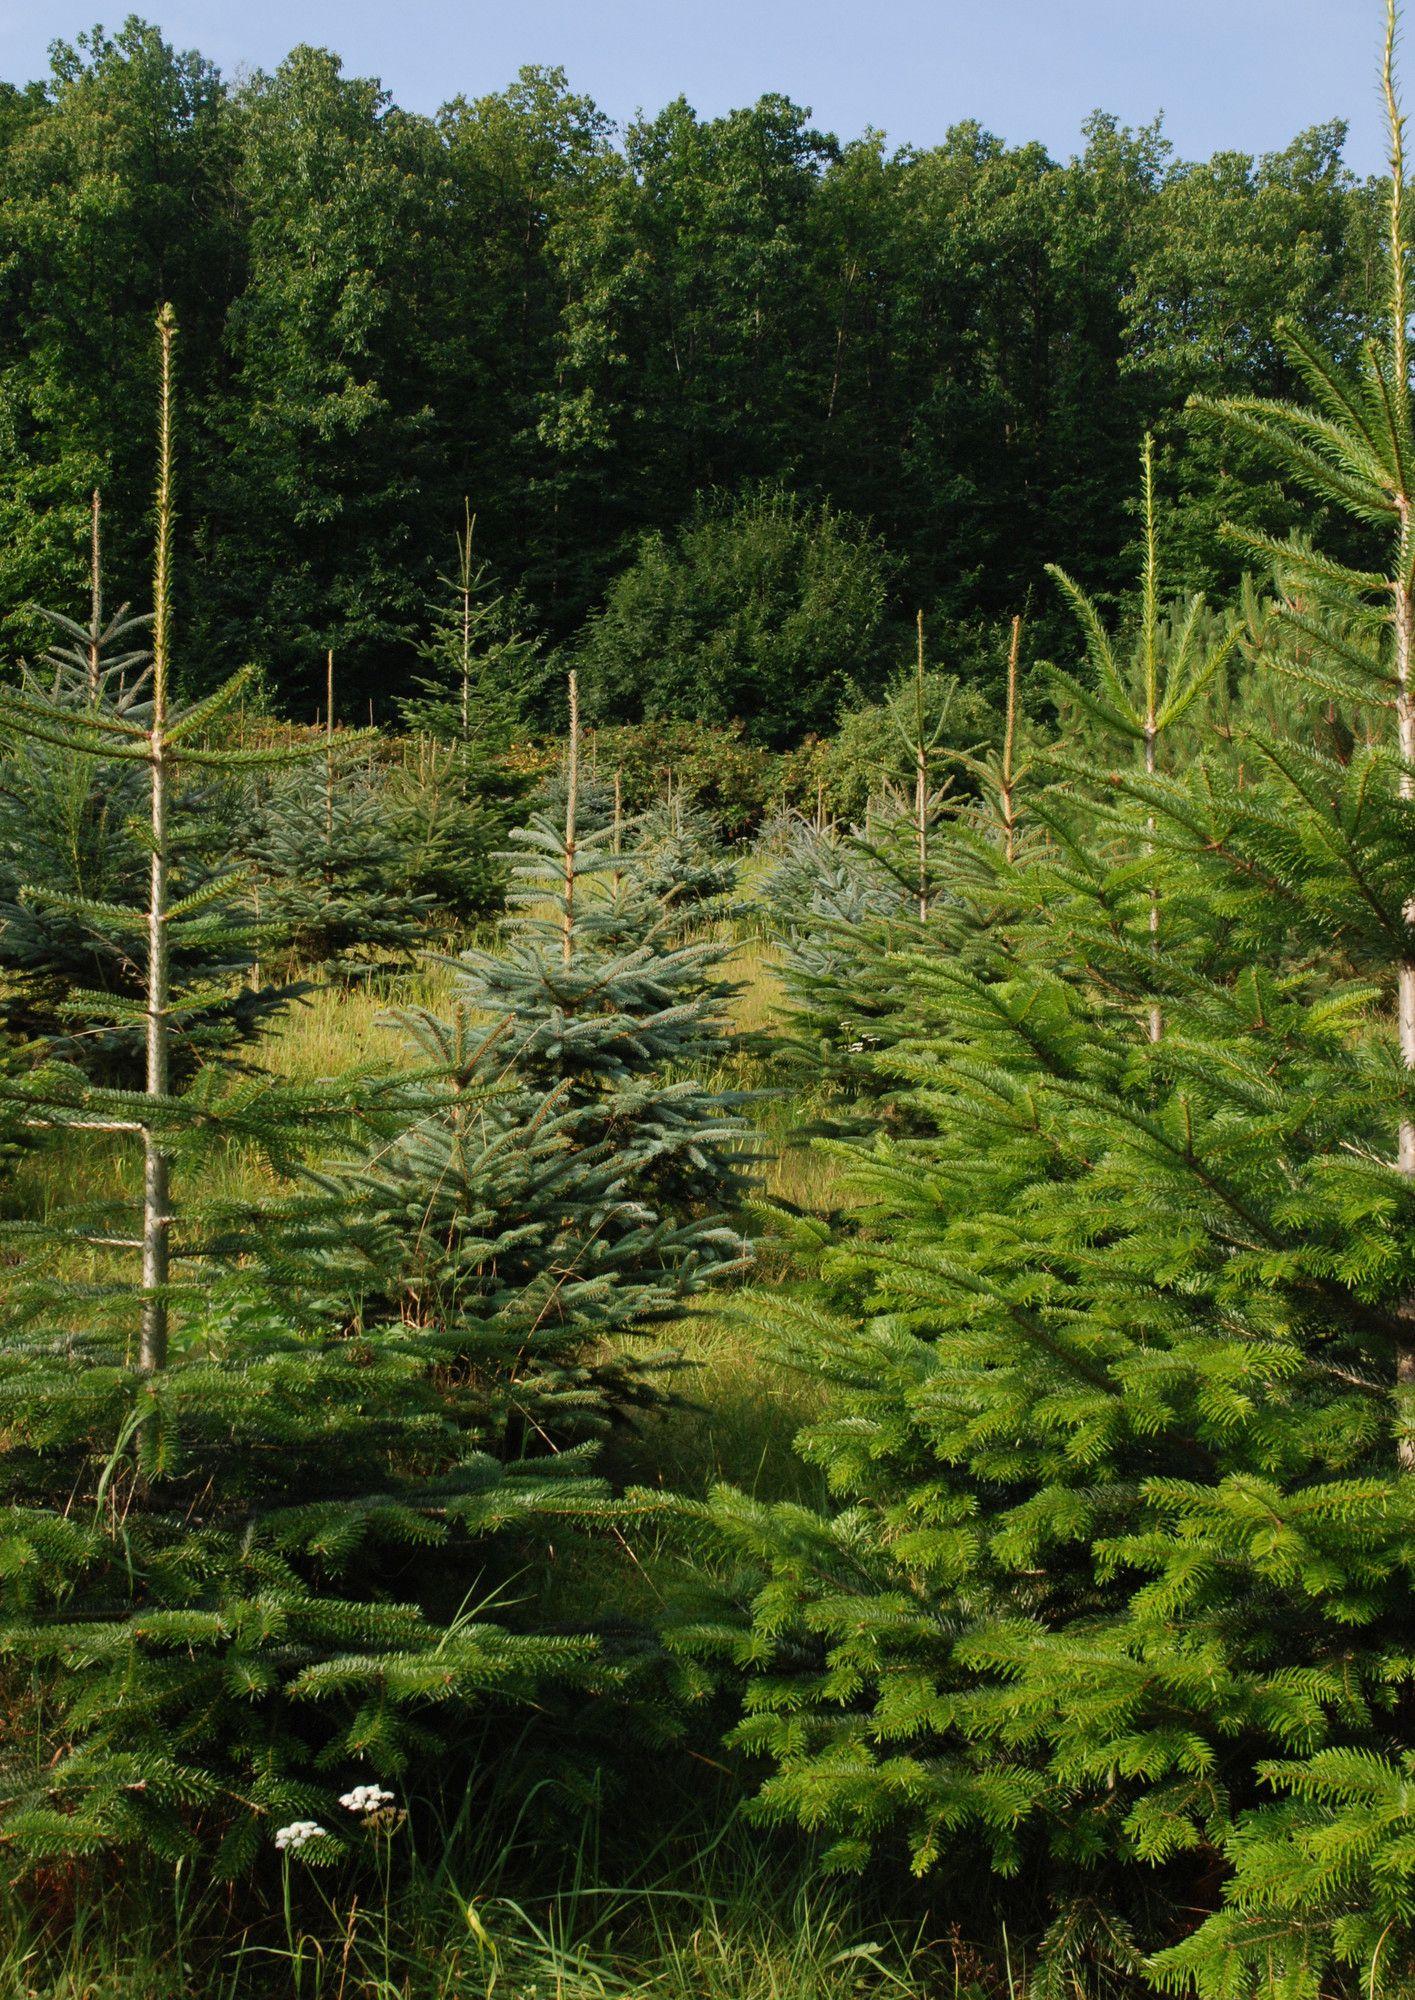 Blick durch eine Reihe Nadelbäume auf der Weihnachtsbaum-Kultur.Tannenbaum.Schmuckreisig.